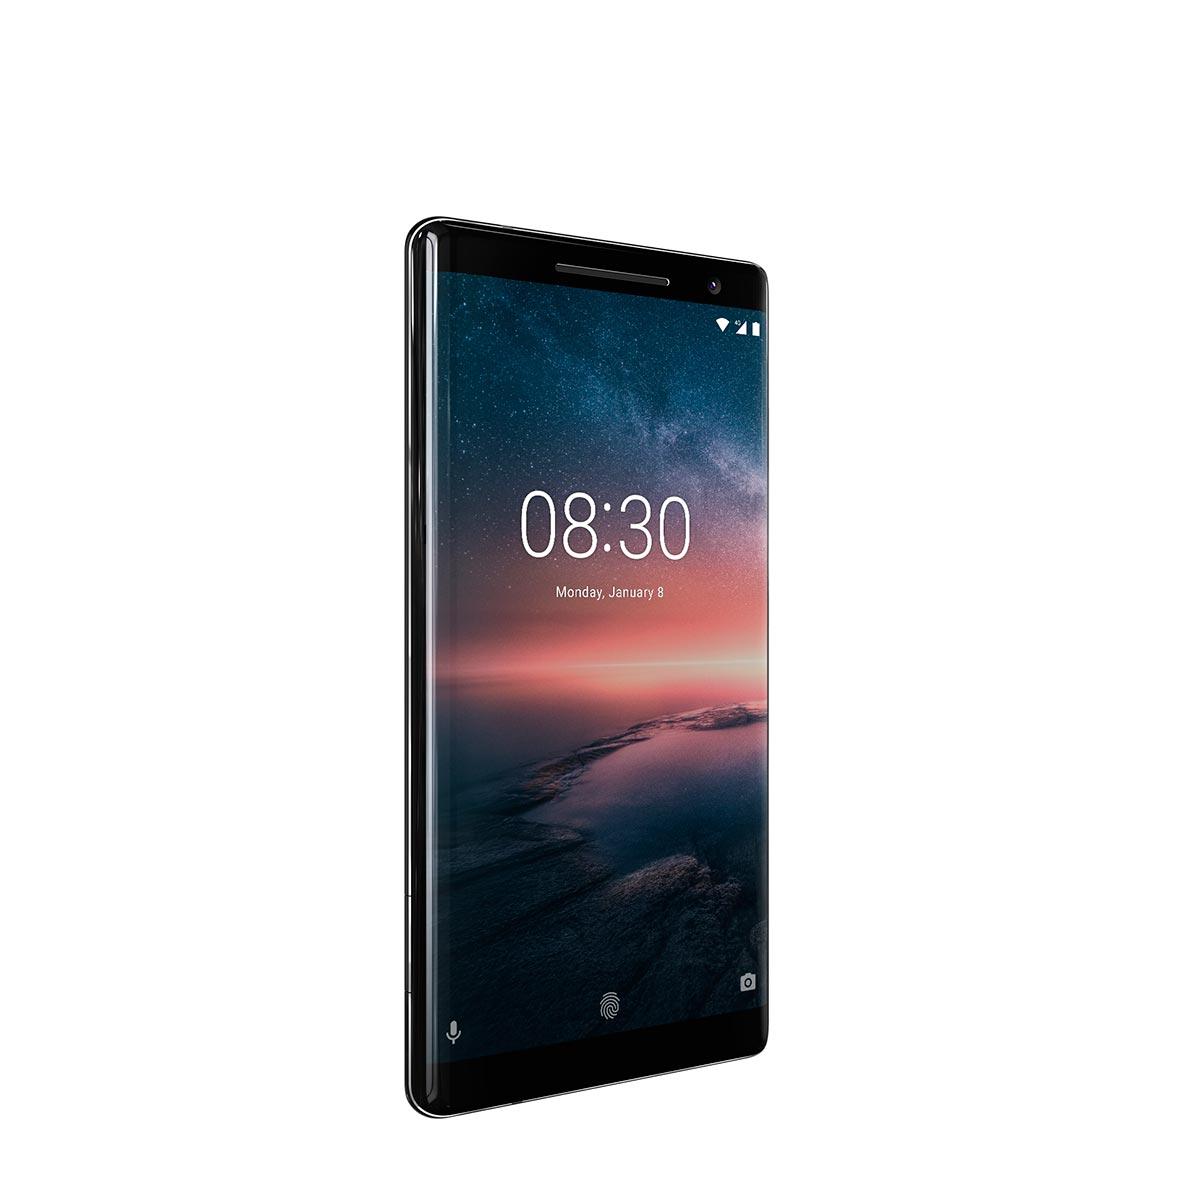 Главными особенностями смартфона являются его дизайн и использование  премиальных материалов. Смартфон выполнен из стекла и рамки из нержавеющей  стали. f4239db6f332f